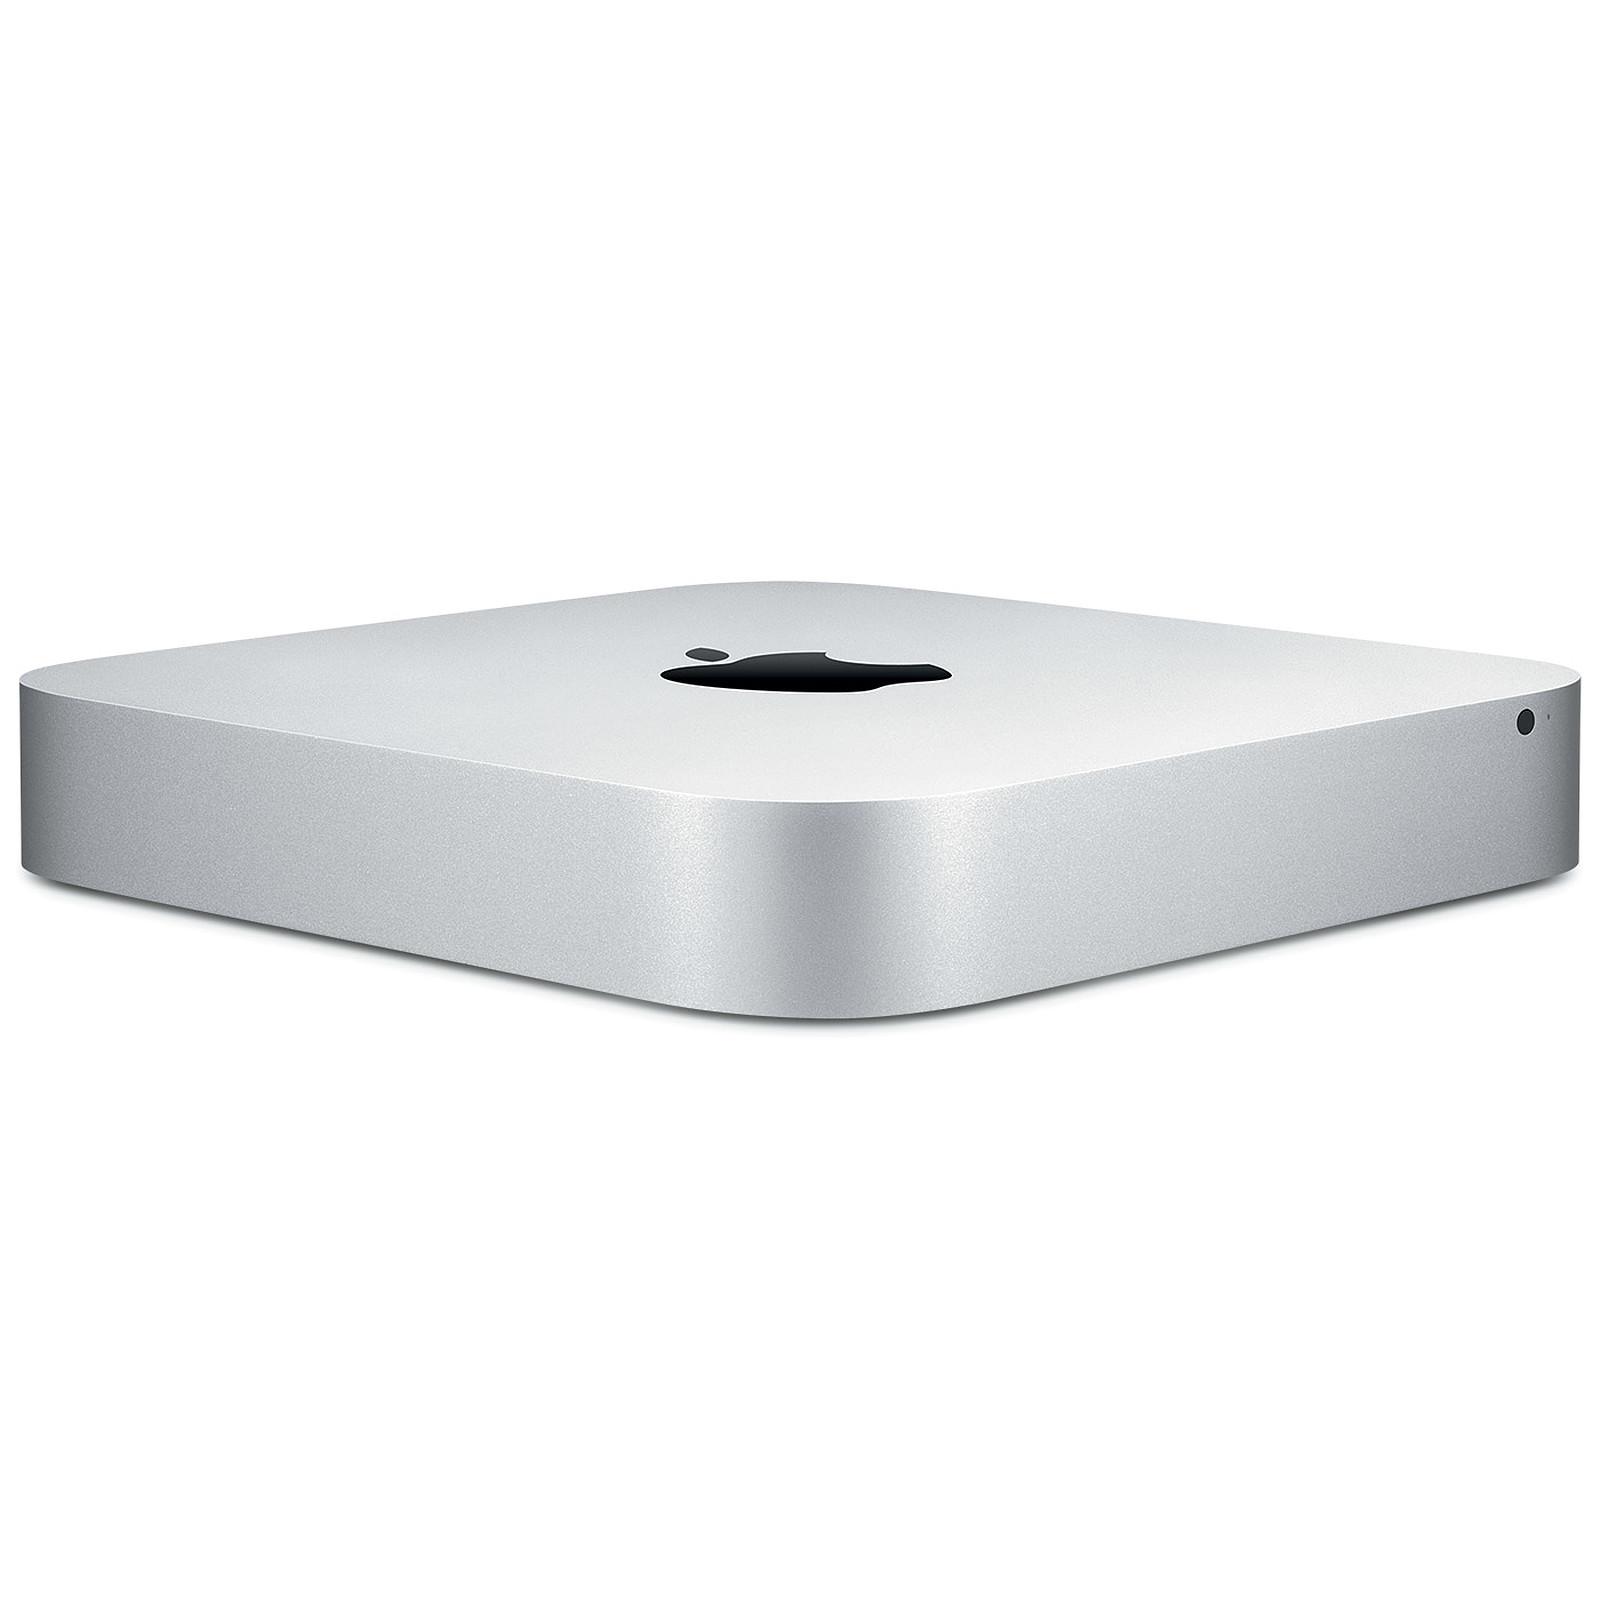 Apple Mac Mini (MGEQ2F/A-I7-16Go-S256)